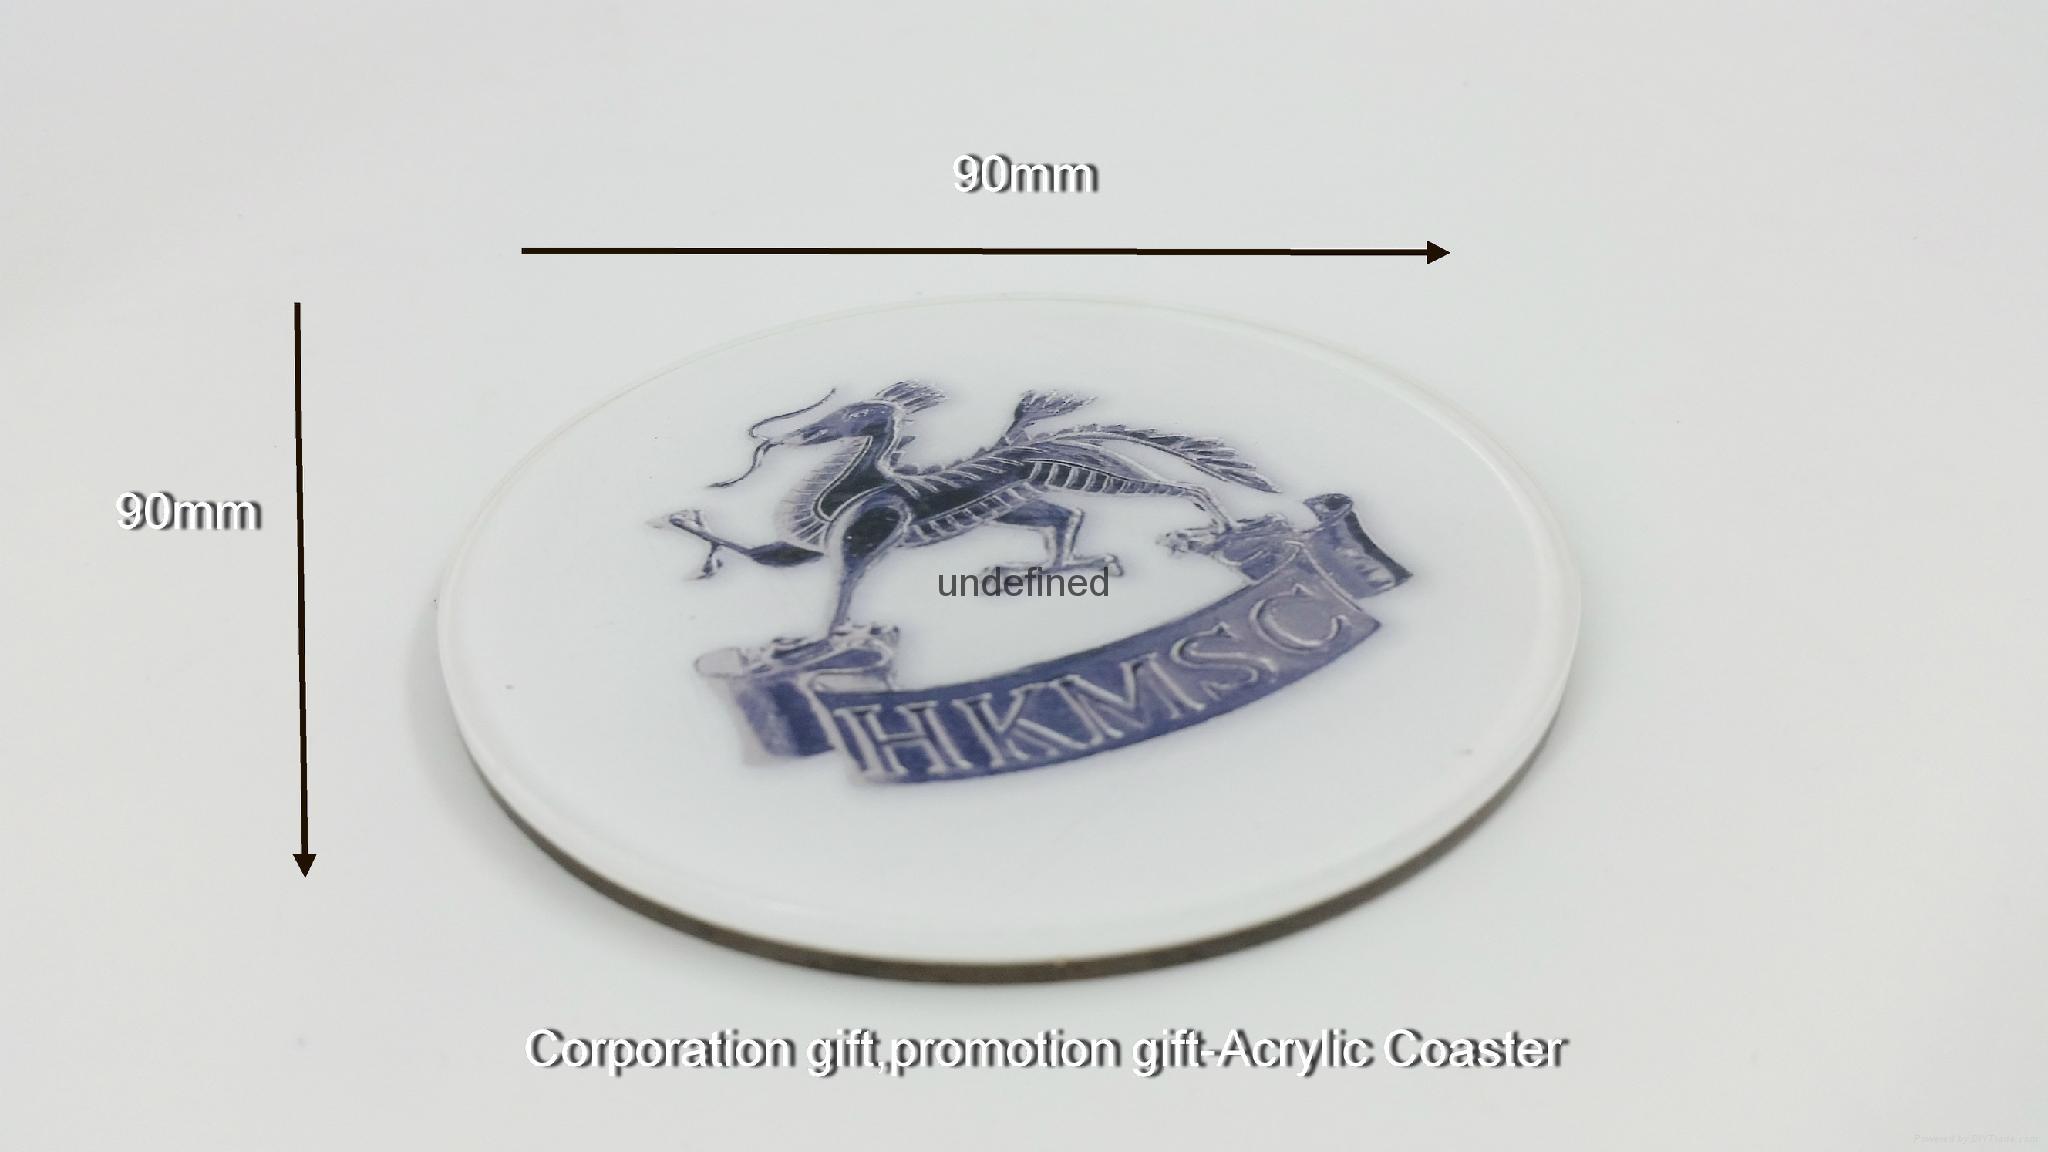 压力广告杯垫,可以印刷不同logo